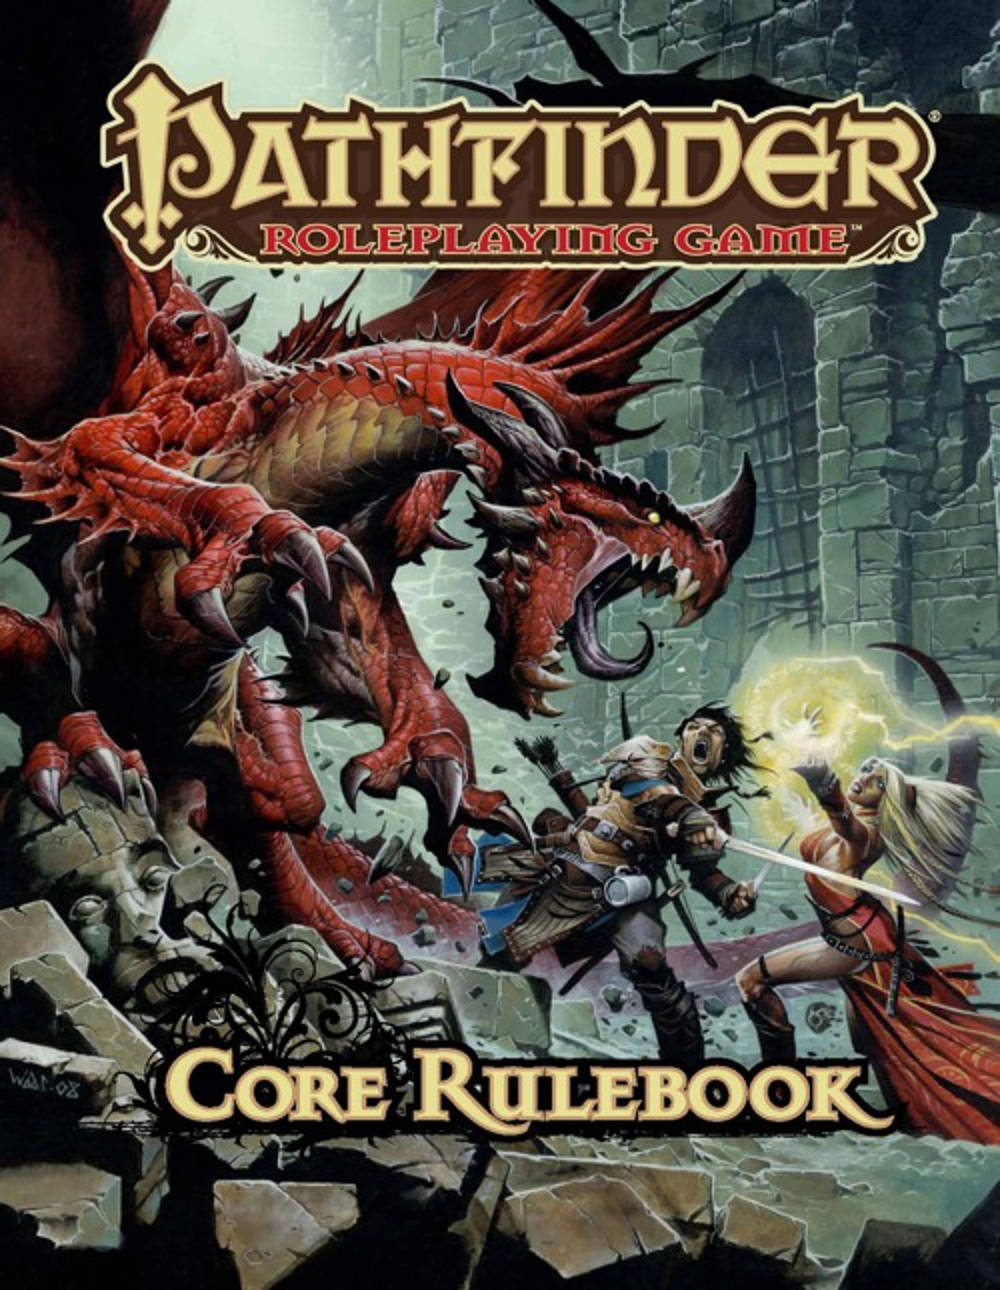 Core Rulebook Cover Art